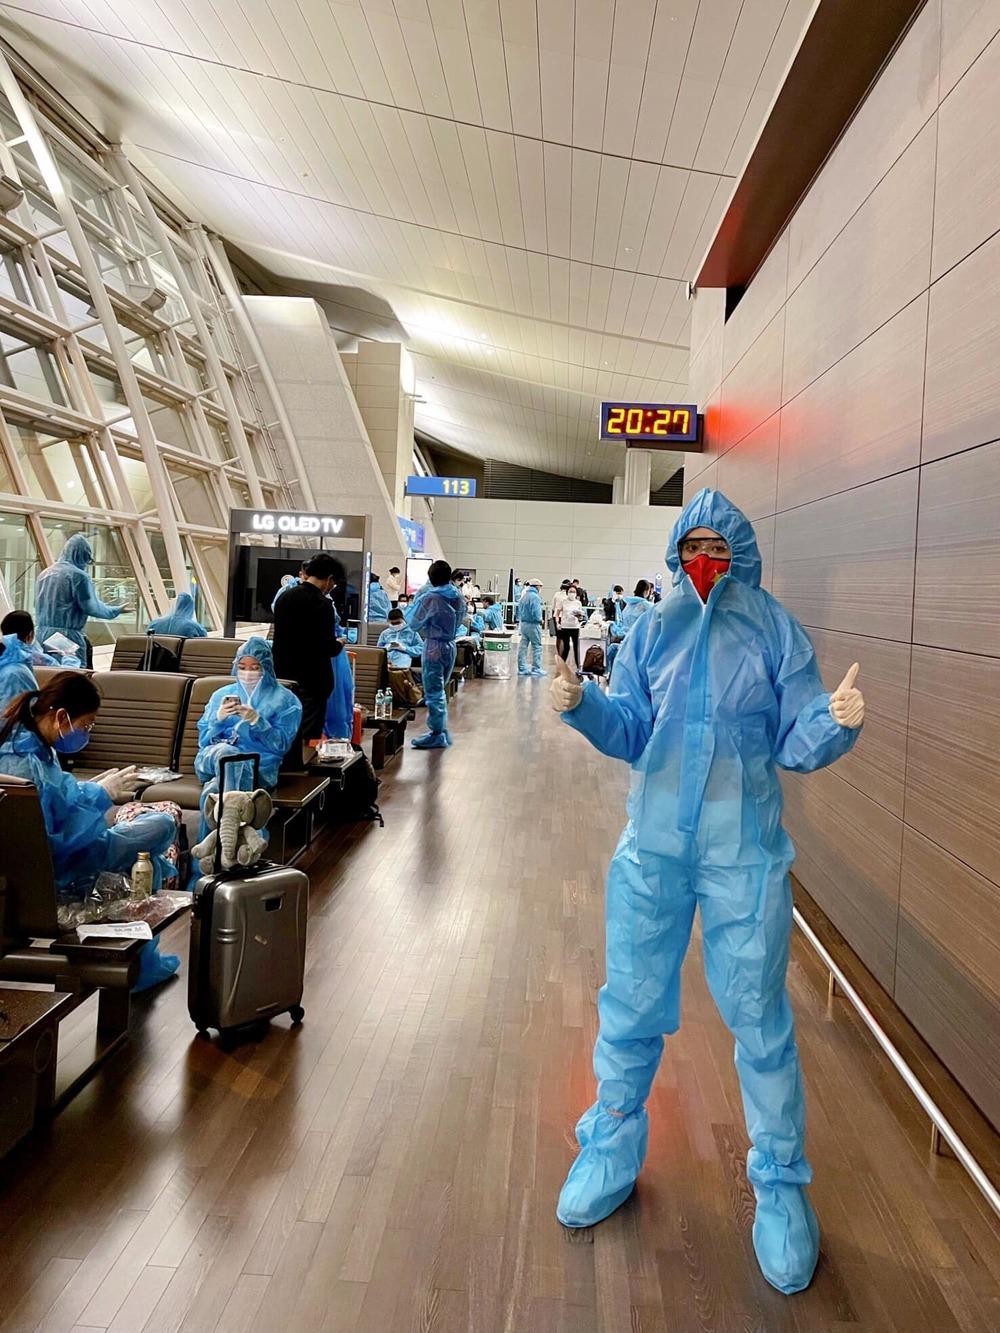 Khánh Vân mặc đồ bảo hộ kín mít, ra sân bay chuẩn bị về Việt Nam - ảnh 1